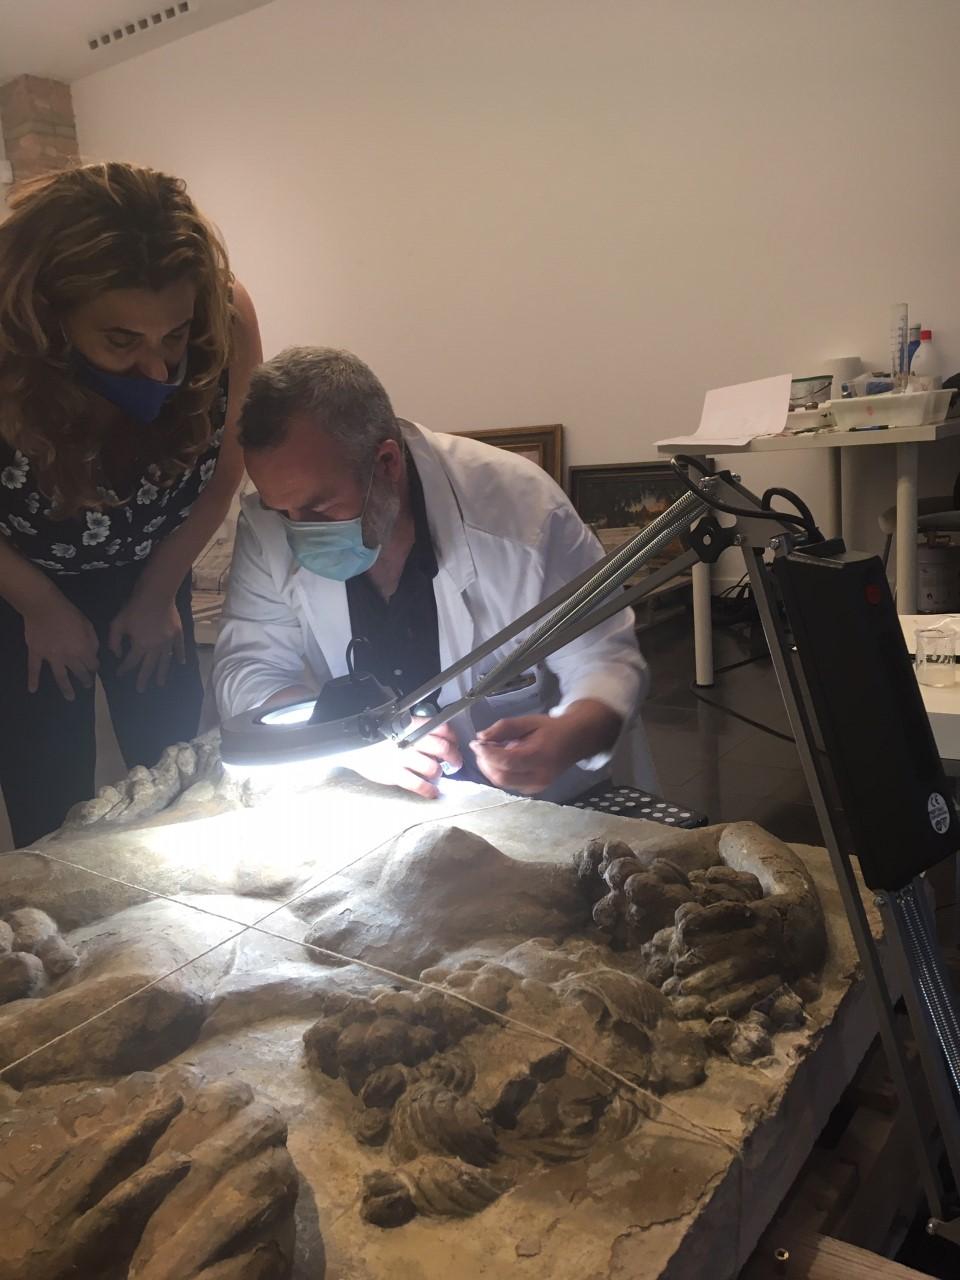 Pepi River s'ha interessat per la feina de Jèrôme Rouch que ha reprès les tasques de restauració